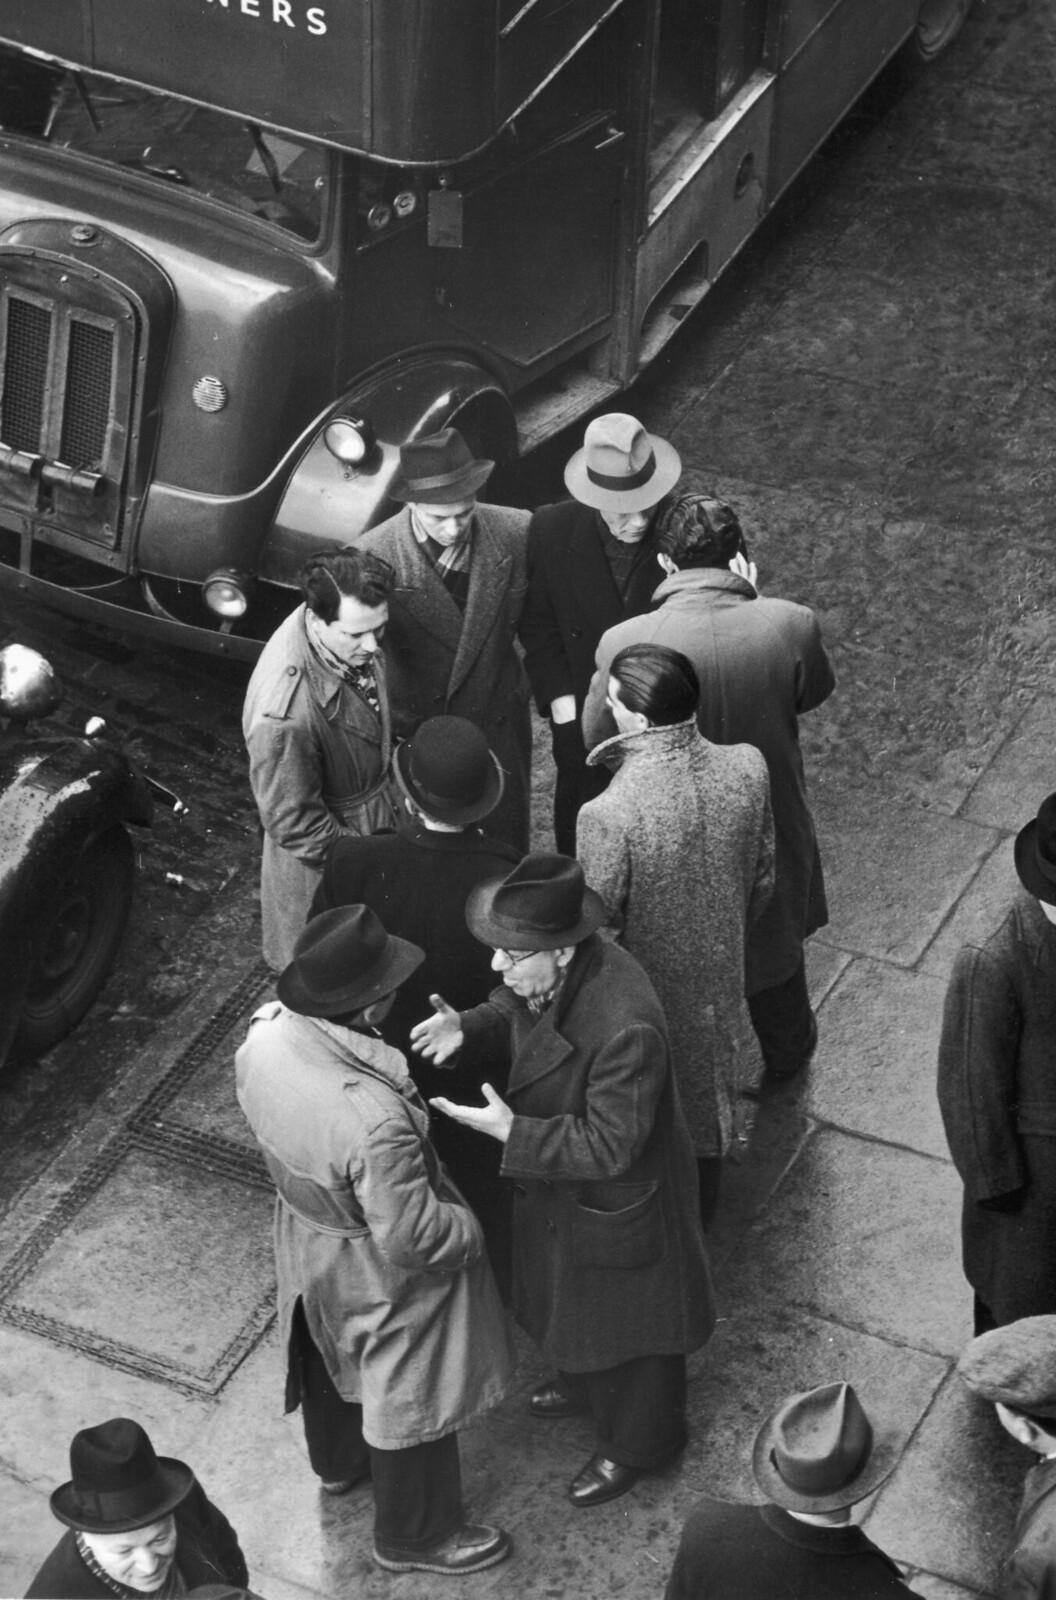 08. Группа евреев беседуют на улице в Уайтчепеле